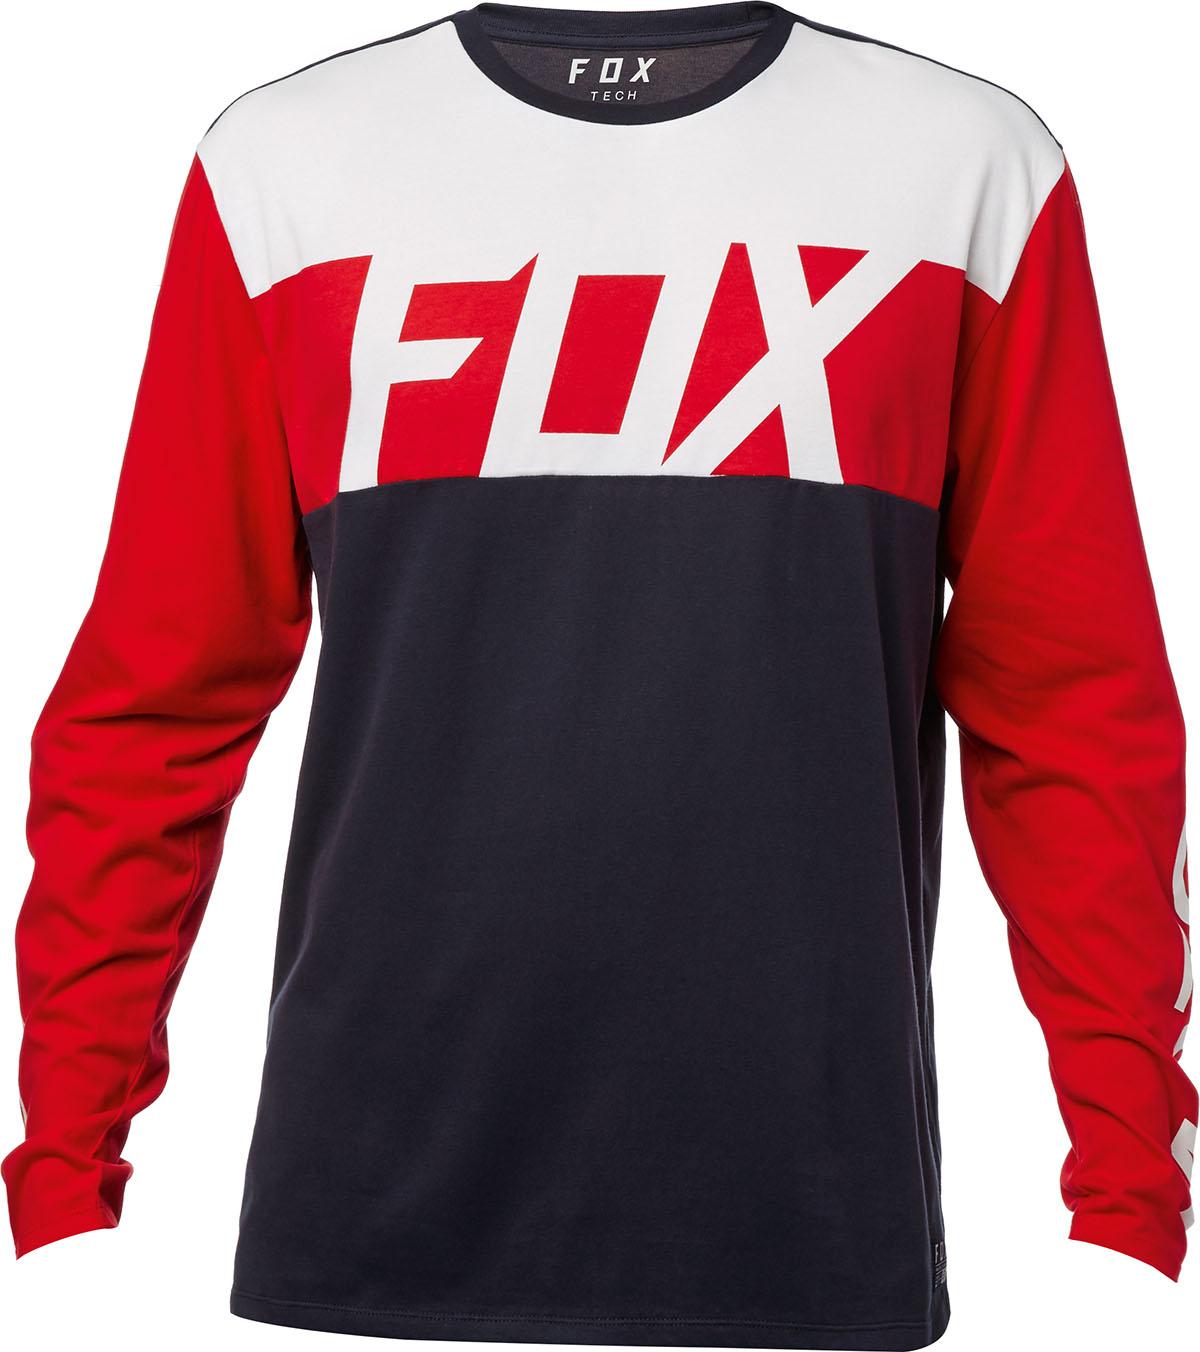 Fox hosszúujjú póló Scramblur Airline